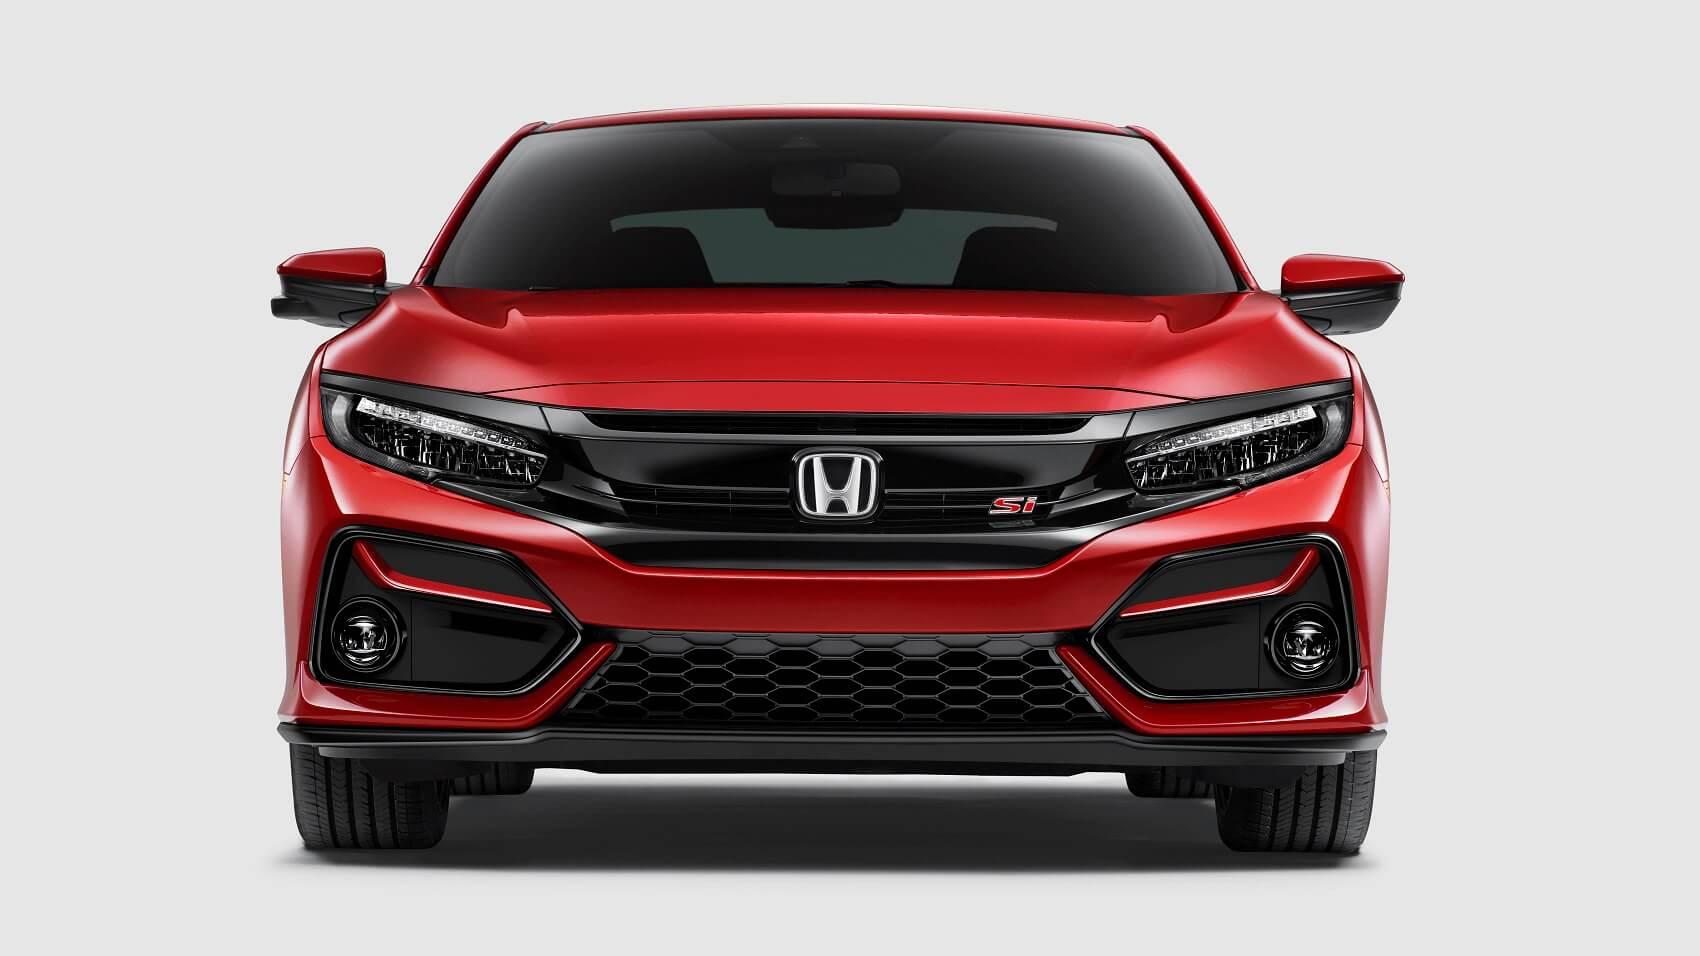 2020 Honda Civic Engine Specs